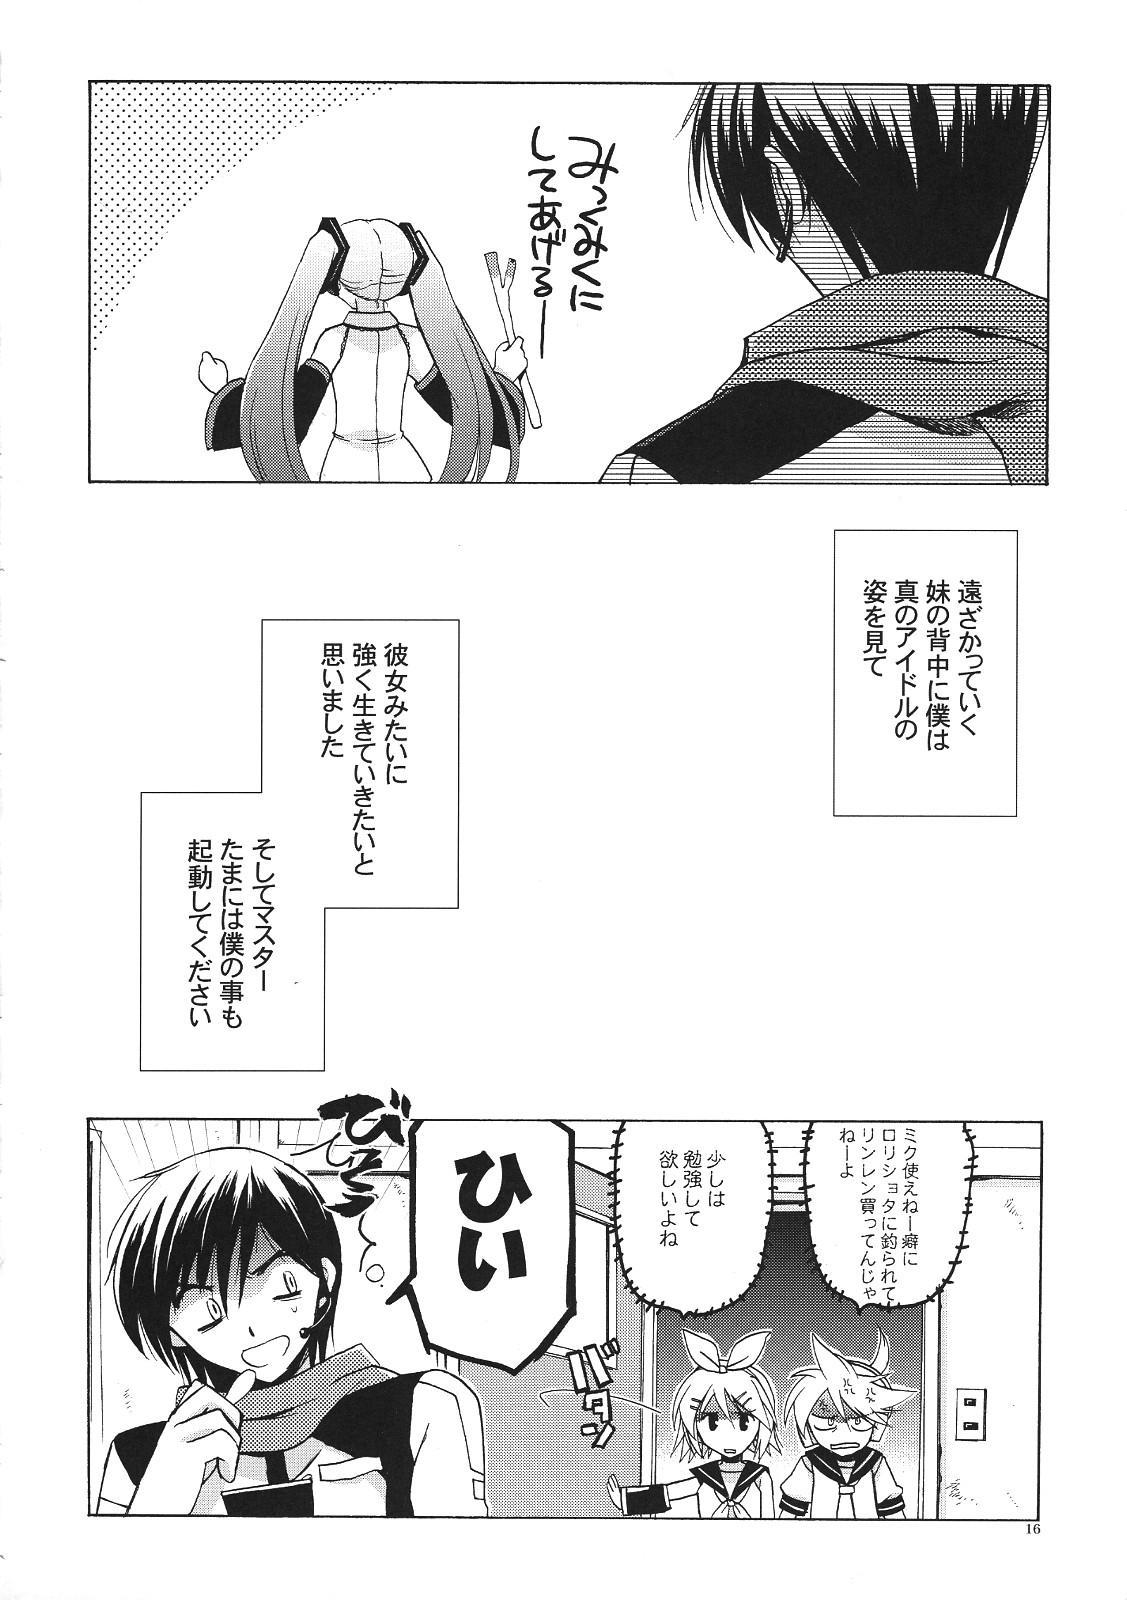 Kuro Miku ga Kaito-niisan ni Seiteki na Imi de Yatsu Atari Suru Hon 14